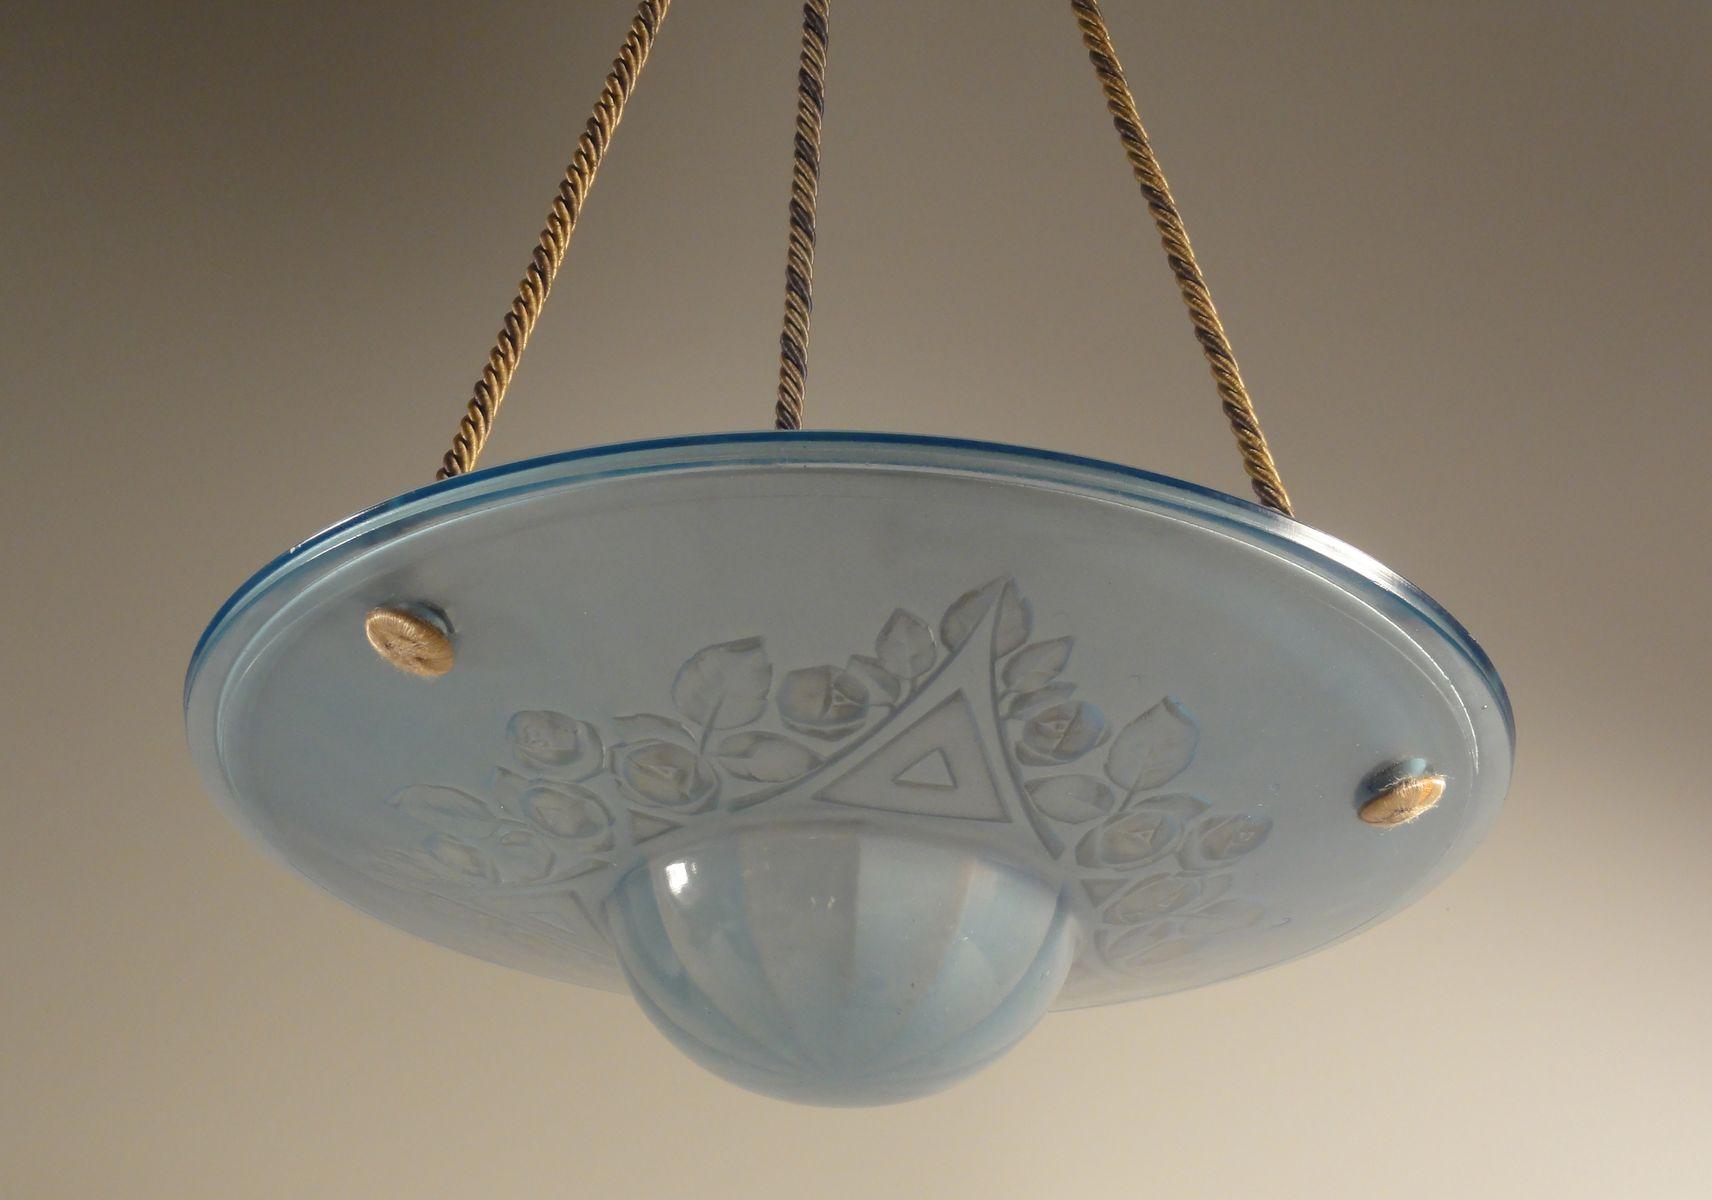 Hellblaue Pressglas Hängelampe, 1920er